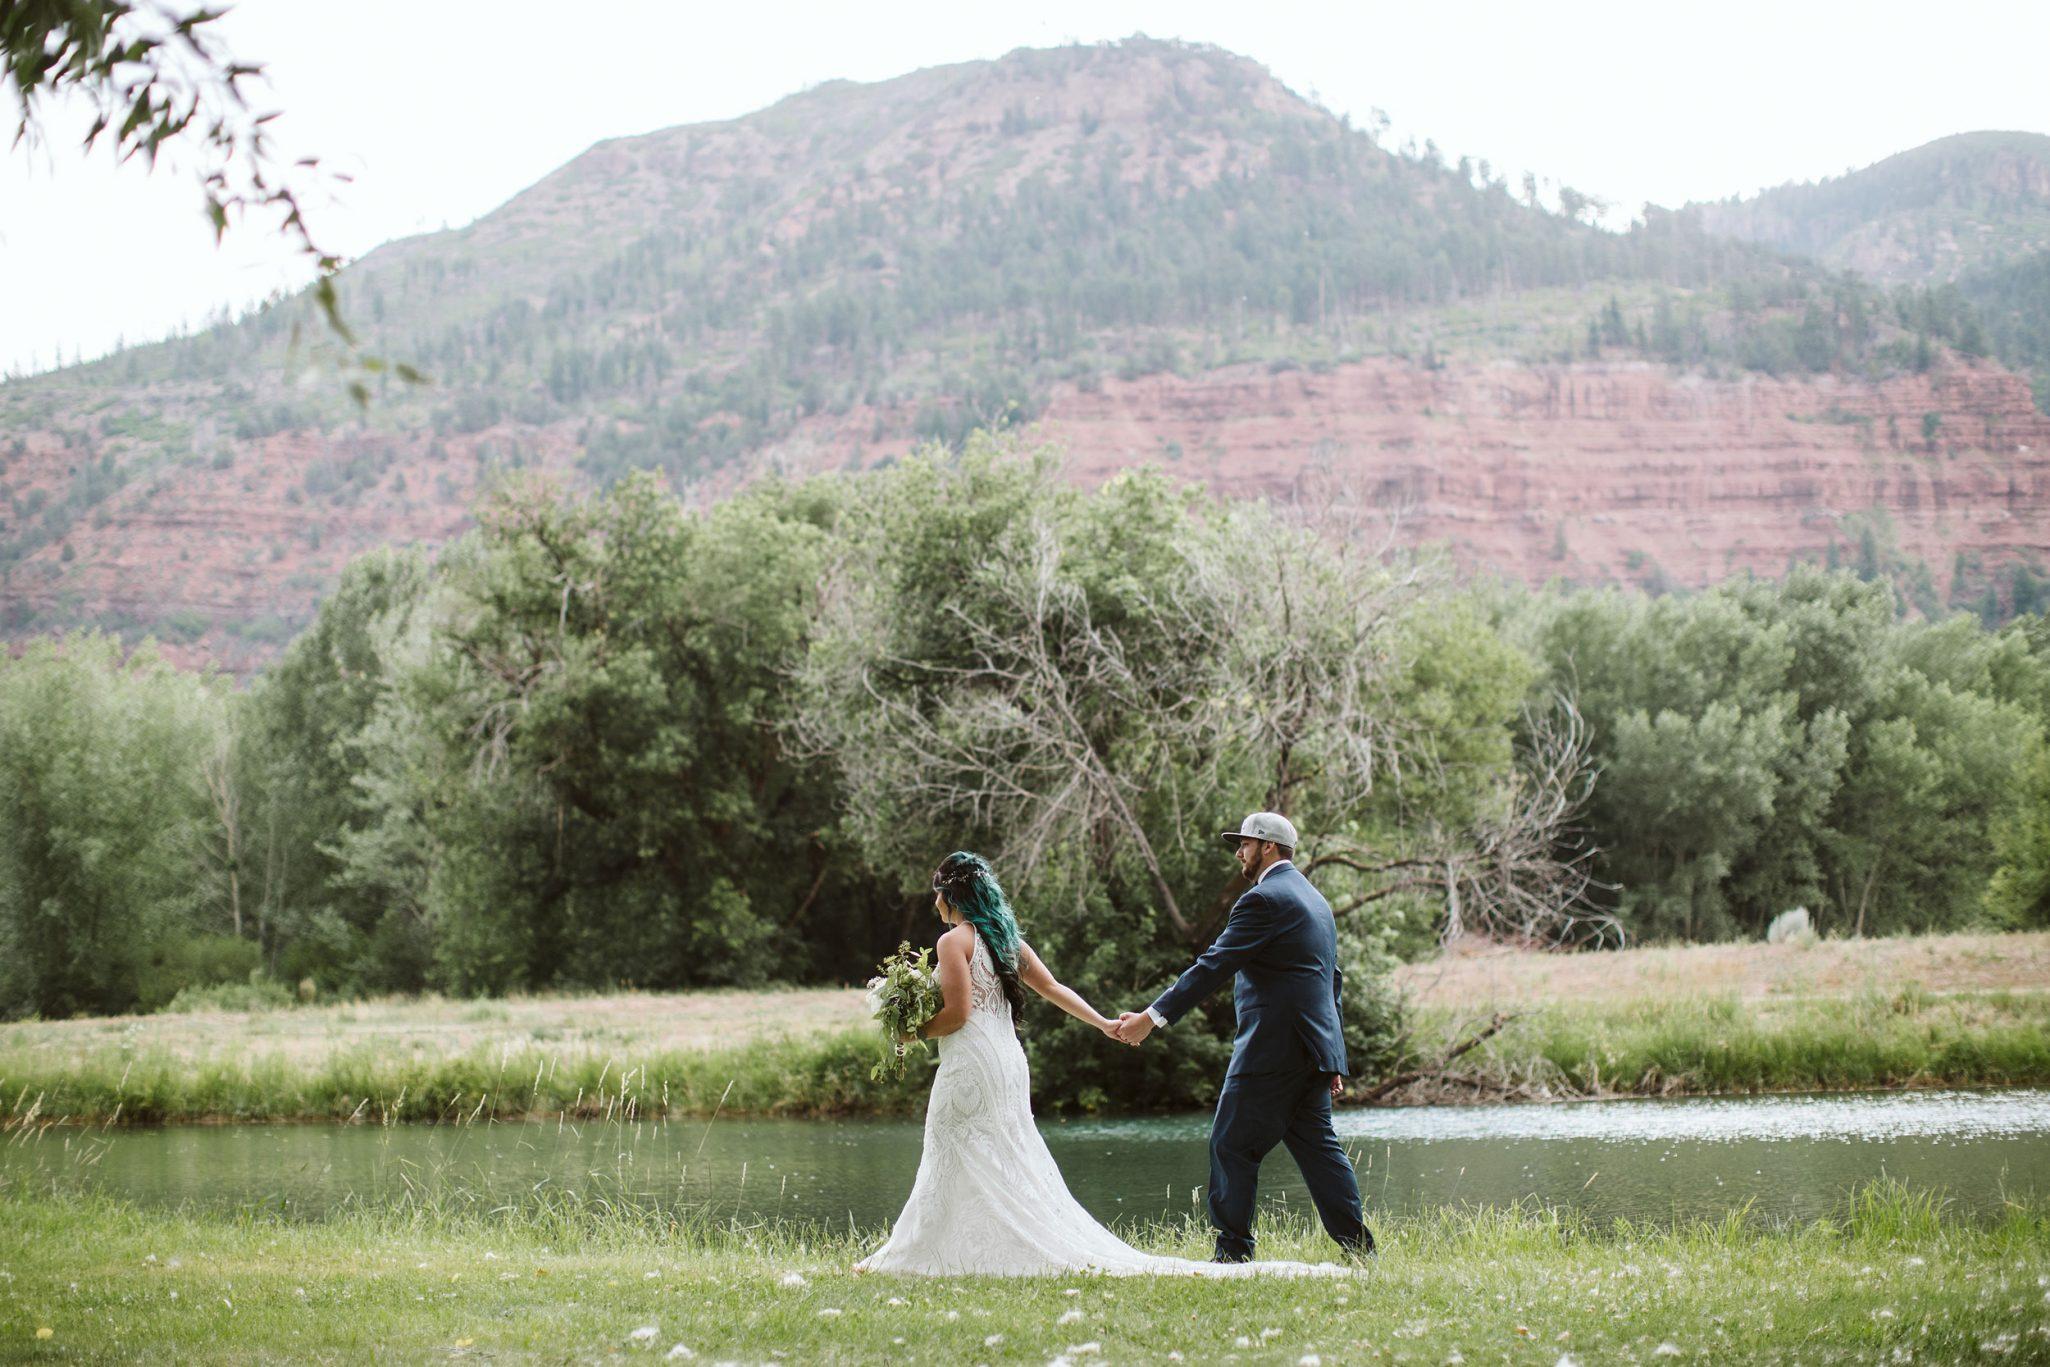 Bride & Groom at River Bend Ranch, Durango Colorado